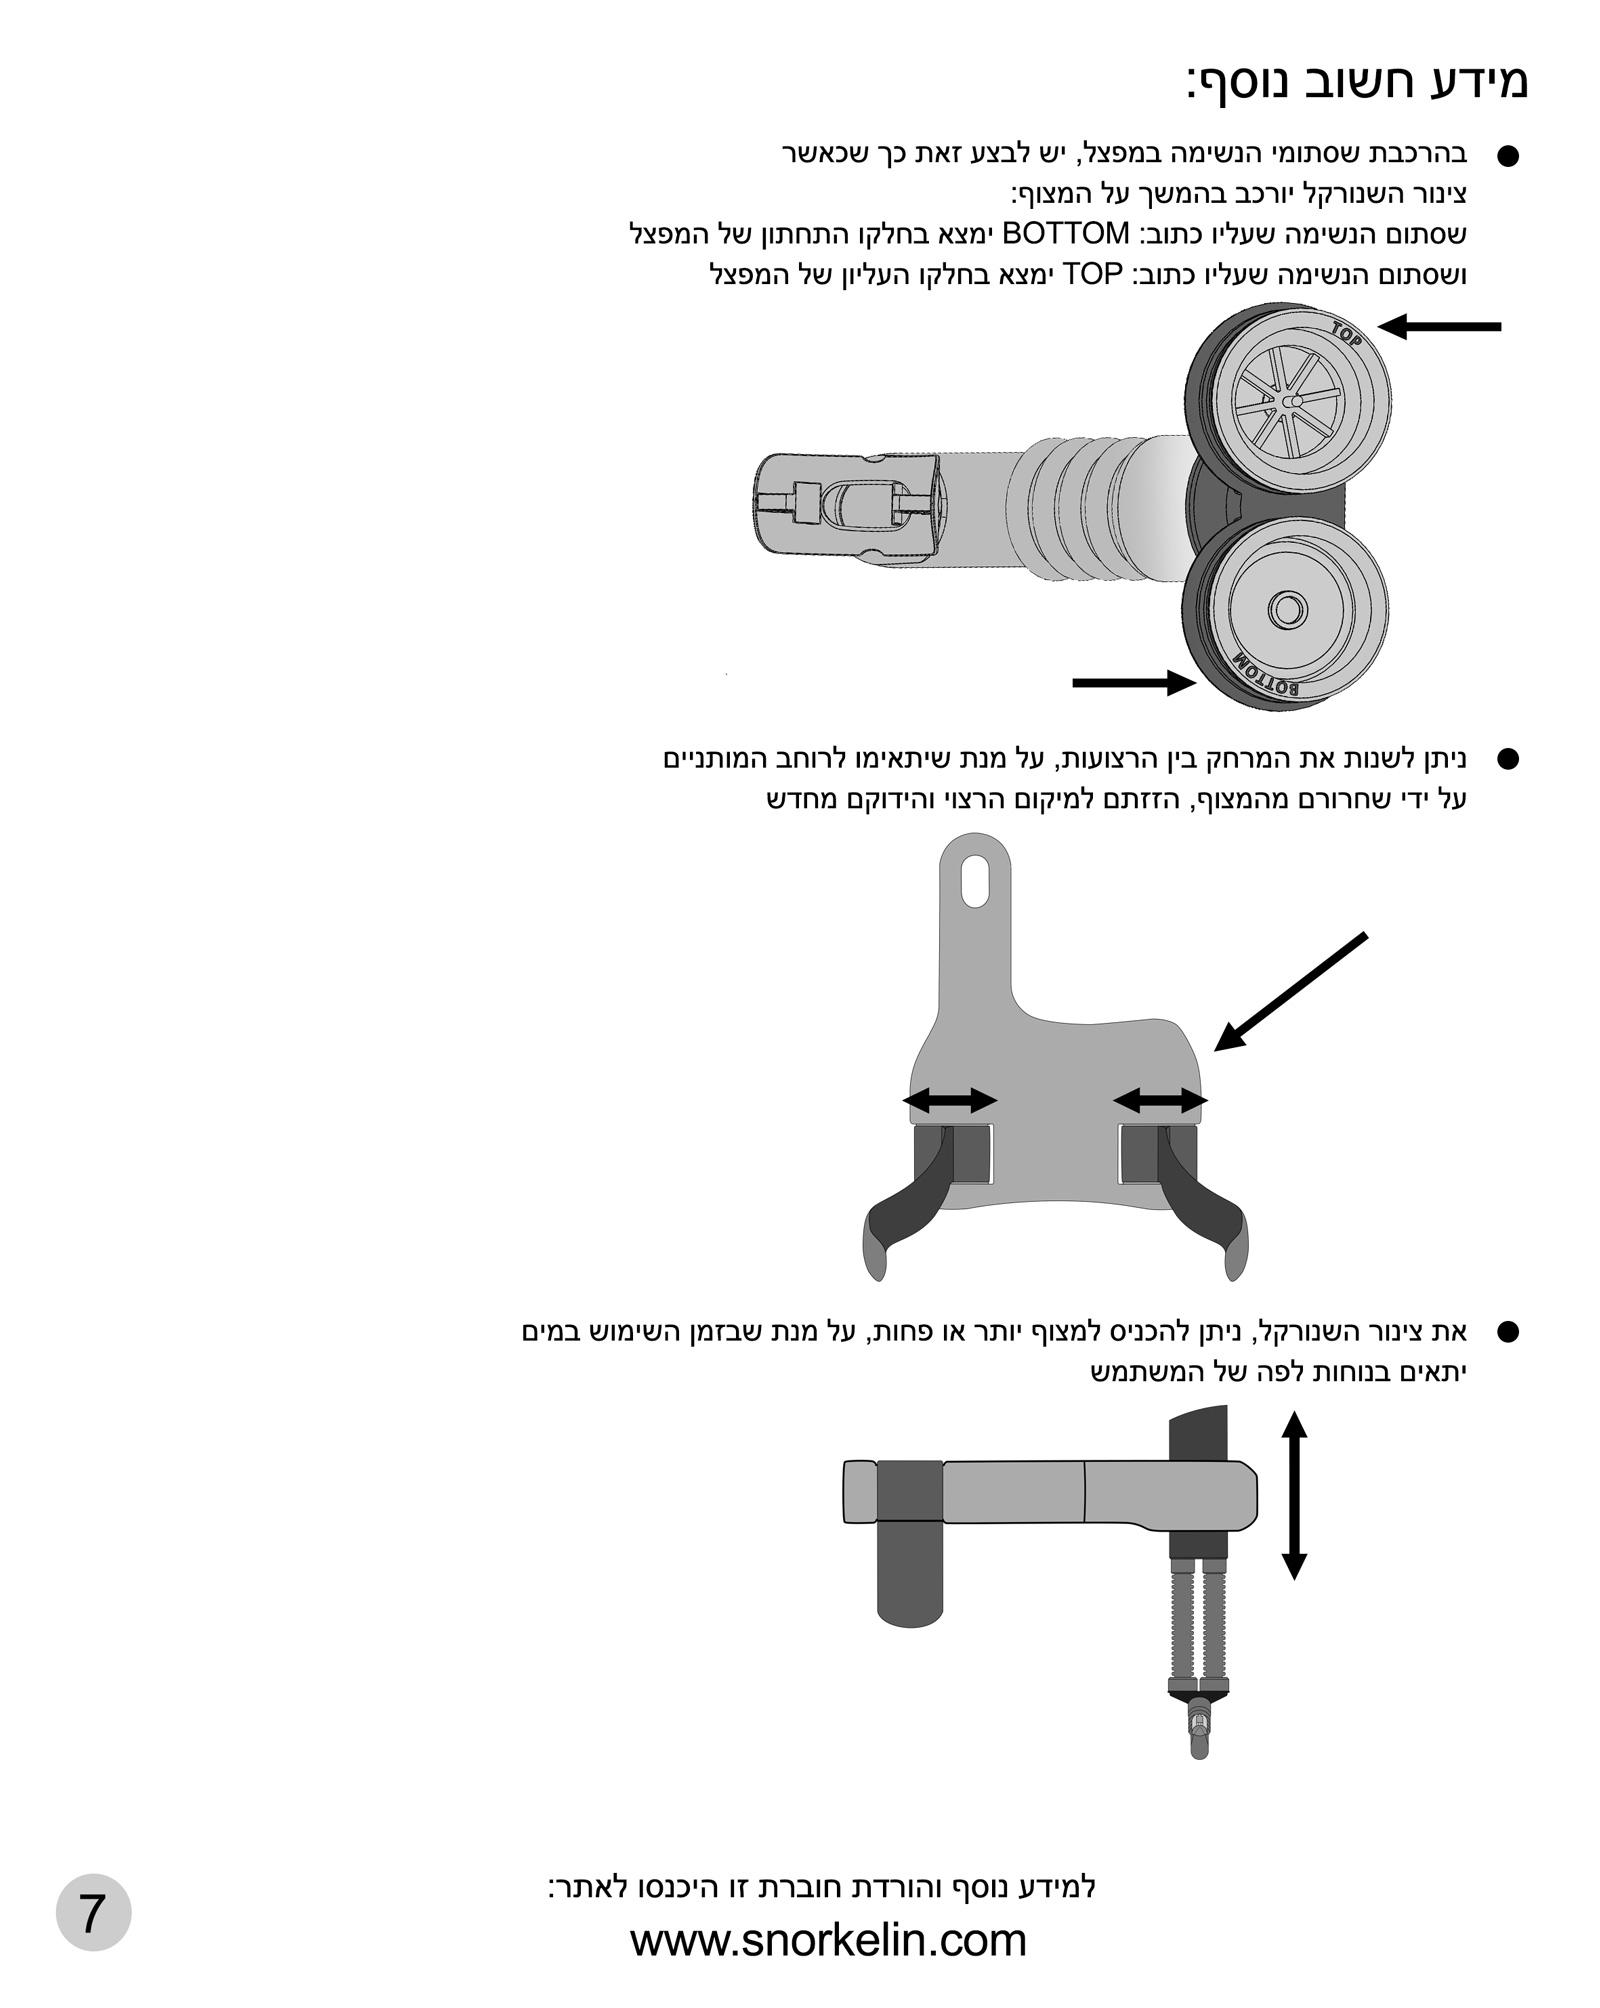 מדריך לשנורקלינג תמונה של עמוד מספר 7